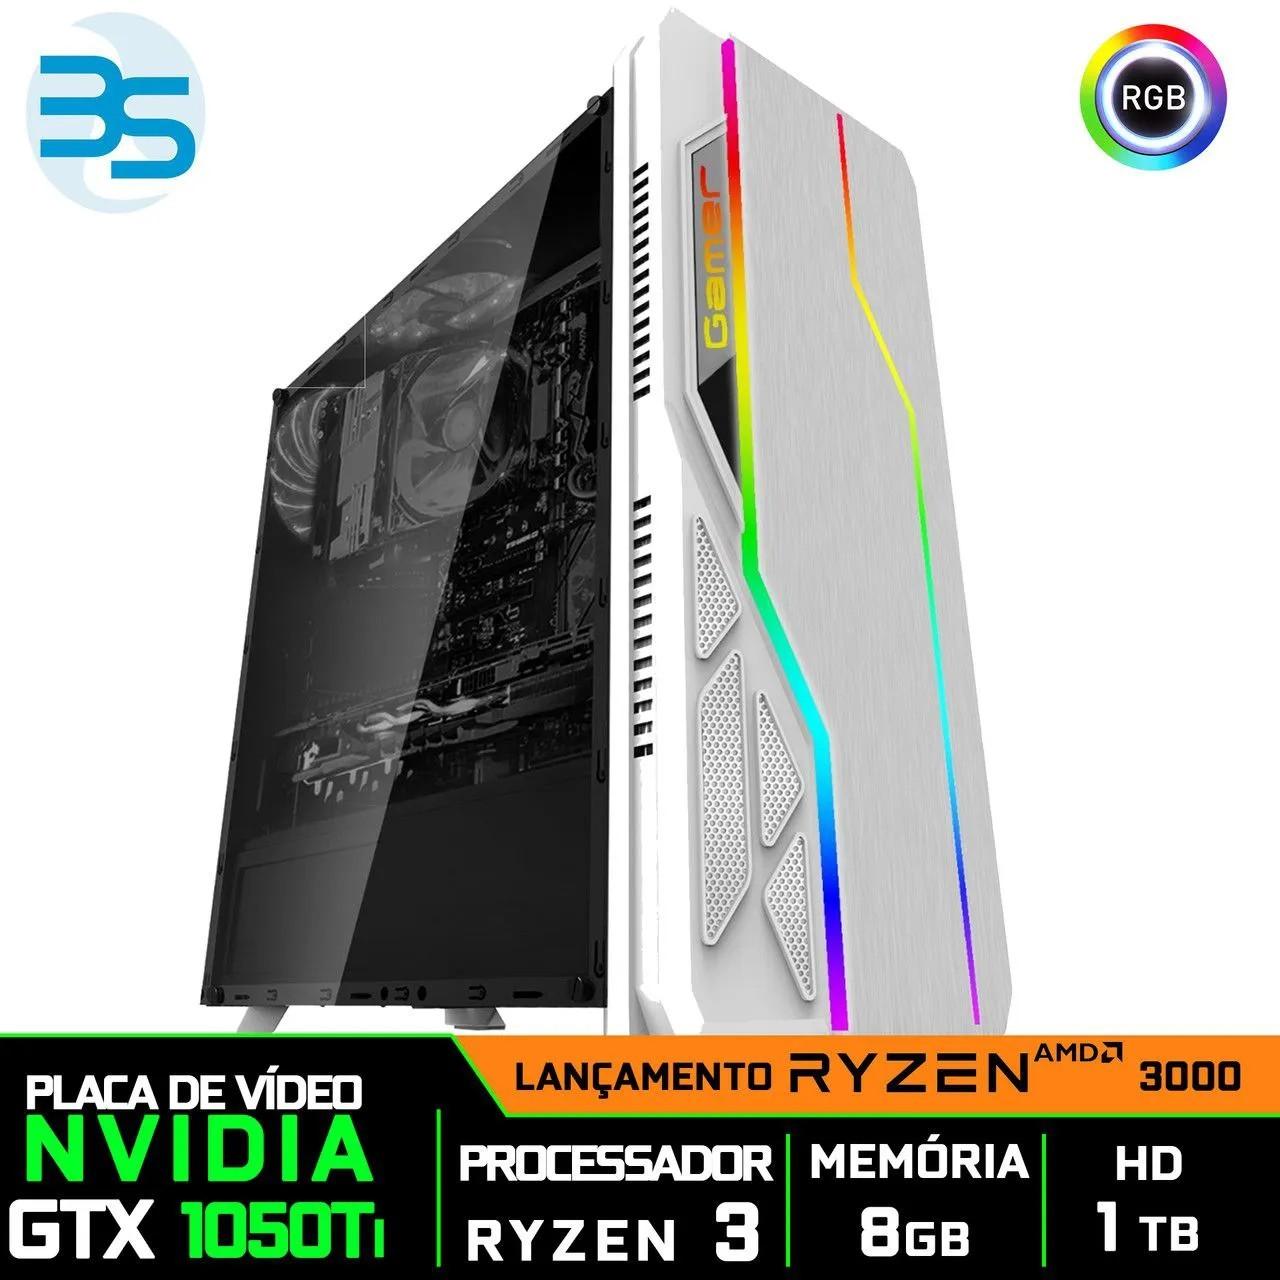 Computador Gamer Ryzen 3 3200G, Nvidia GTX 1050Ti 4GB, 8GB DDR4, HD 1TB, 500W